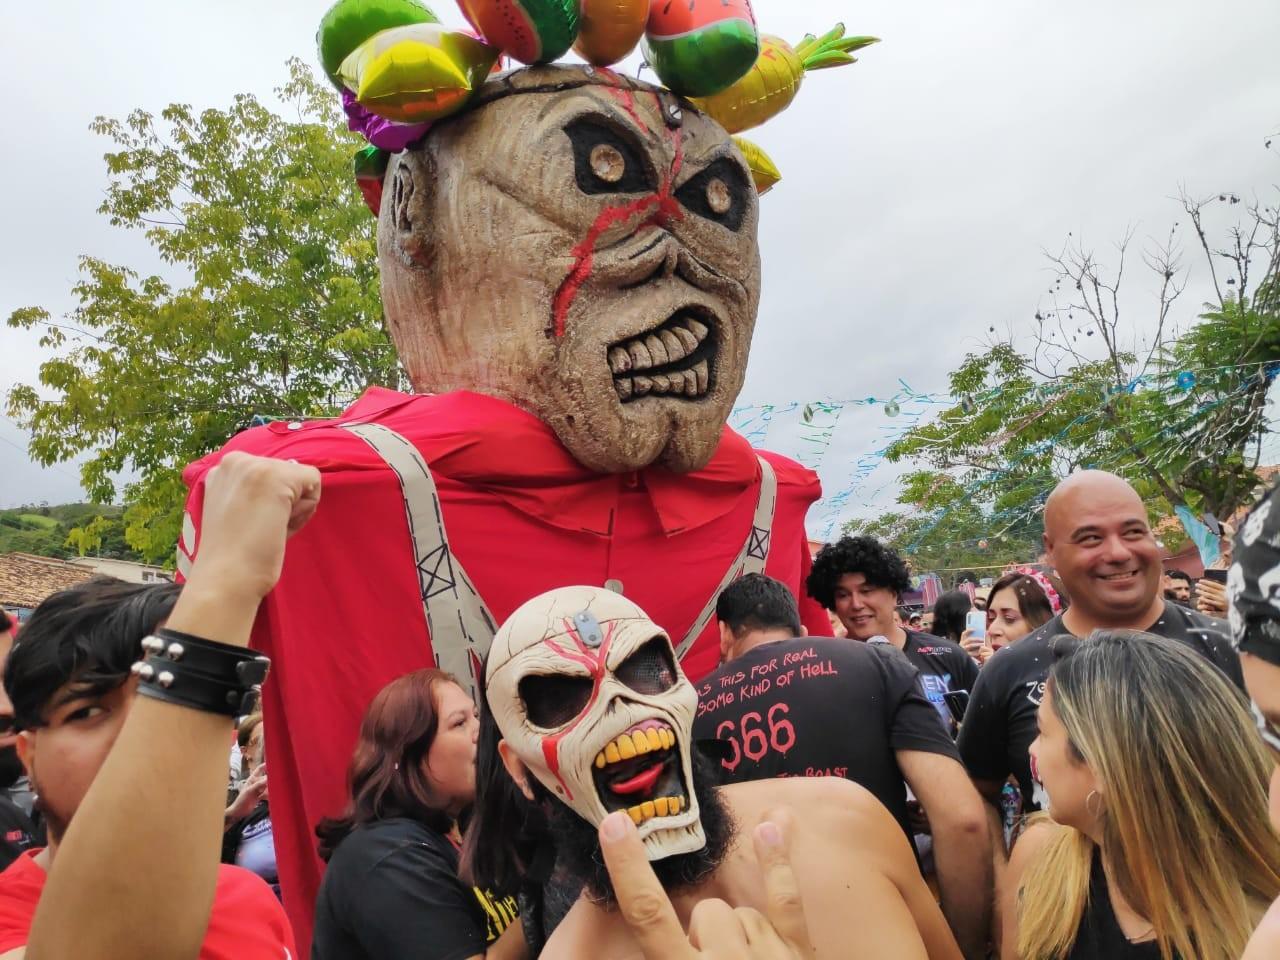 Com rock em ritmo de marchinha, 'Carnamaiden' atrai milhares de foliões em Paraibuna